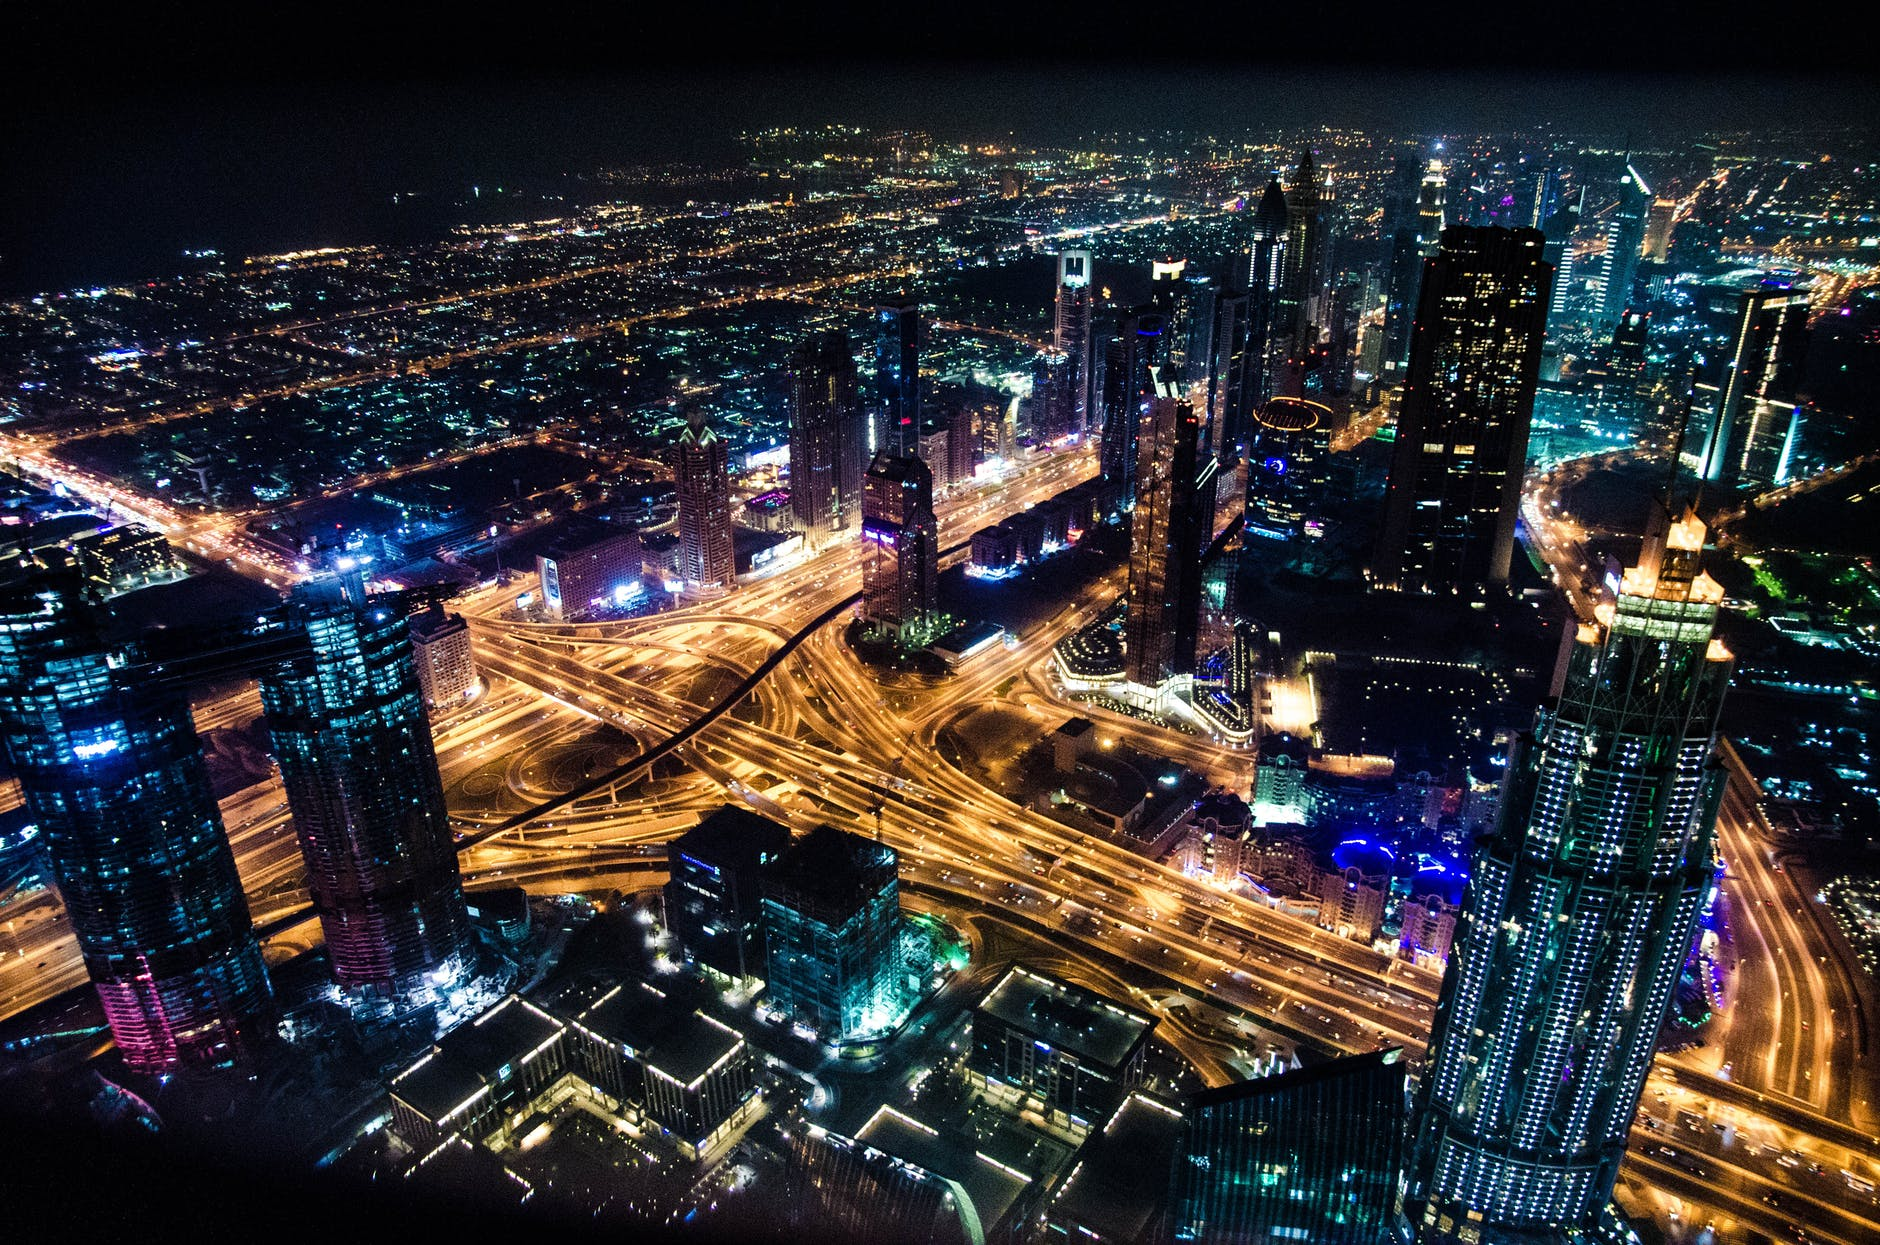 Universo Tecnológico Cap 21: Al 2050 el 85% de la población vivirá en urbes. ¿Cómo lograr tener ciudades inteligentes?